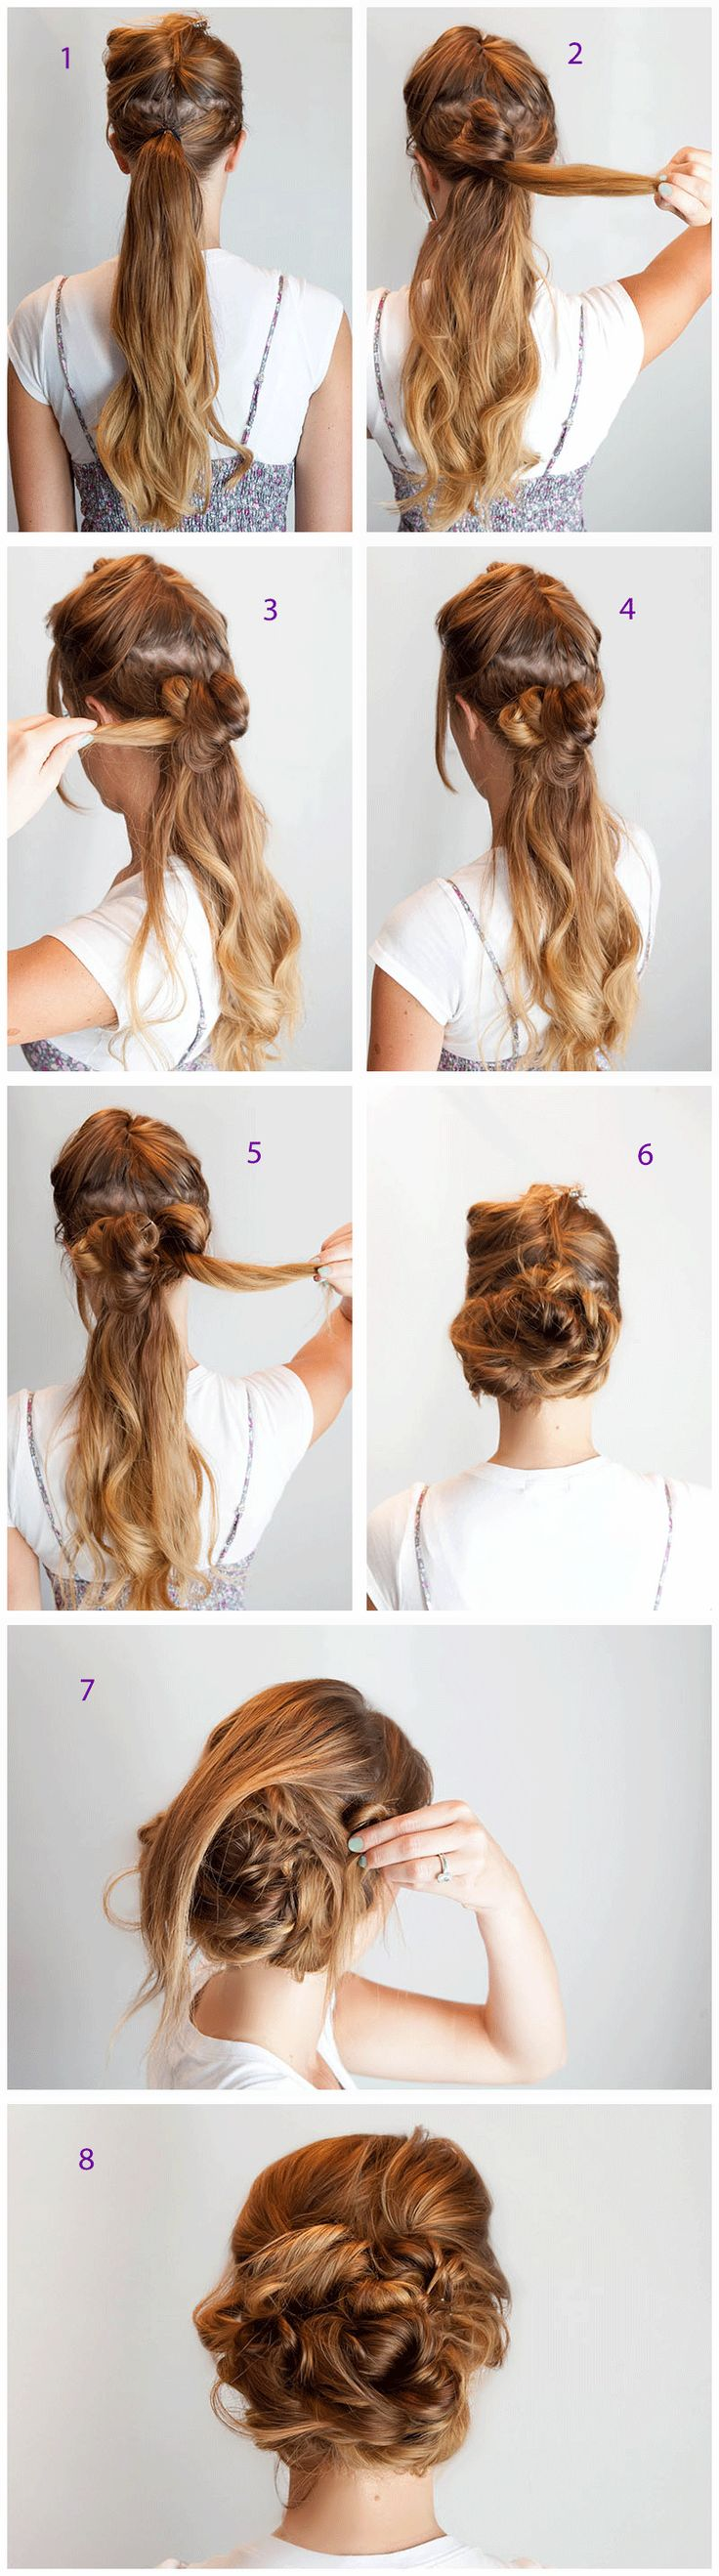 Comment faire une coiffure bohème, tuto coiffure coiffé décoiffé avec cheveux longs, courts, mi longs, boucles frisés, raides, fins, tutoriel simple.